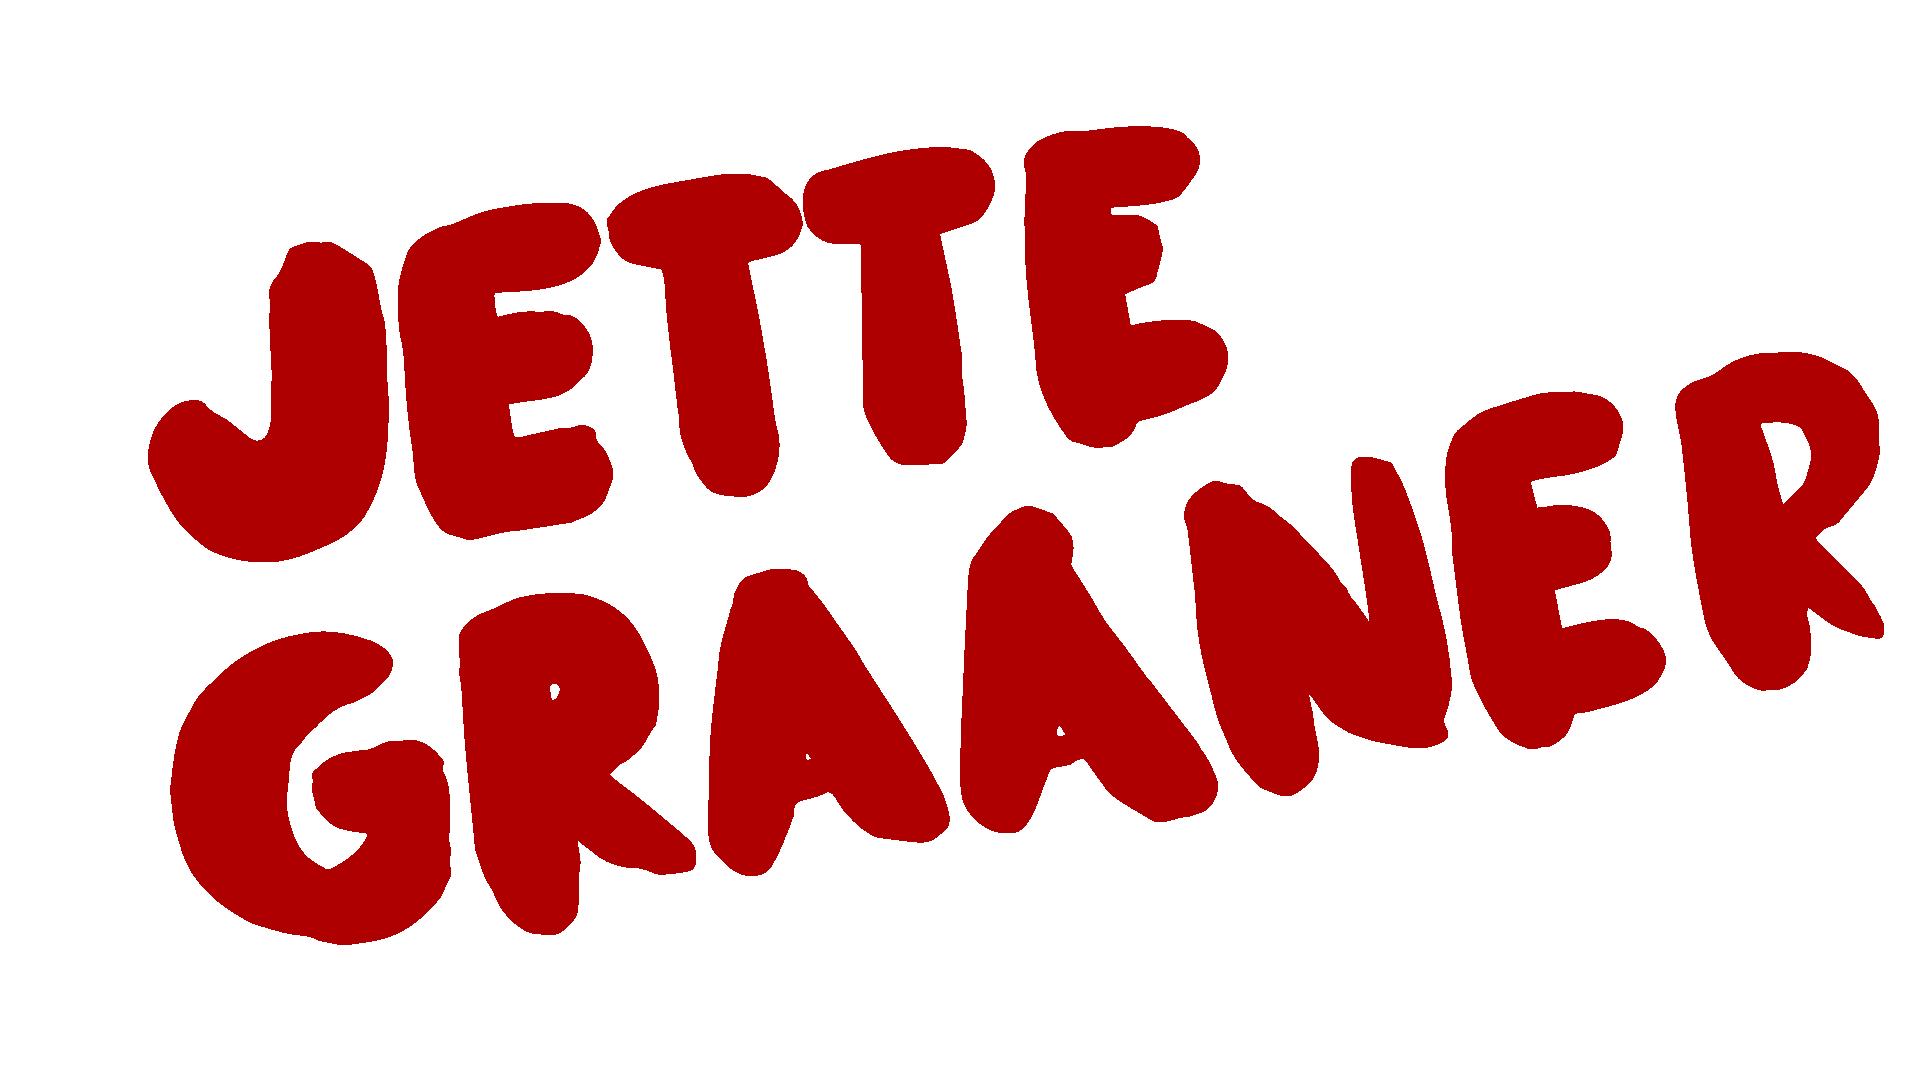 Jette Graaner